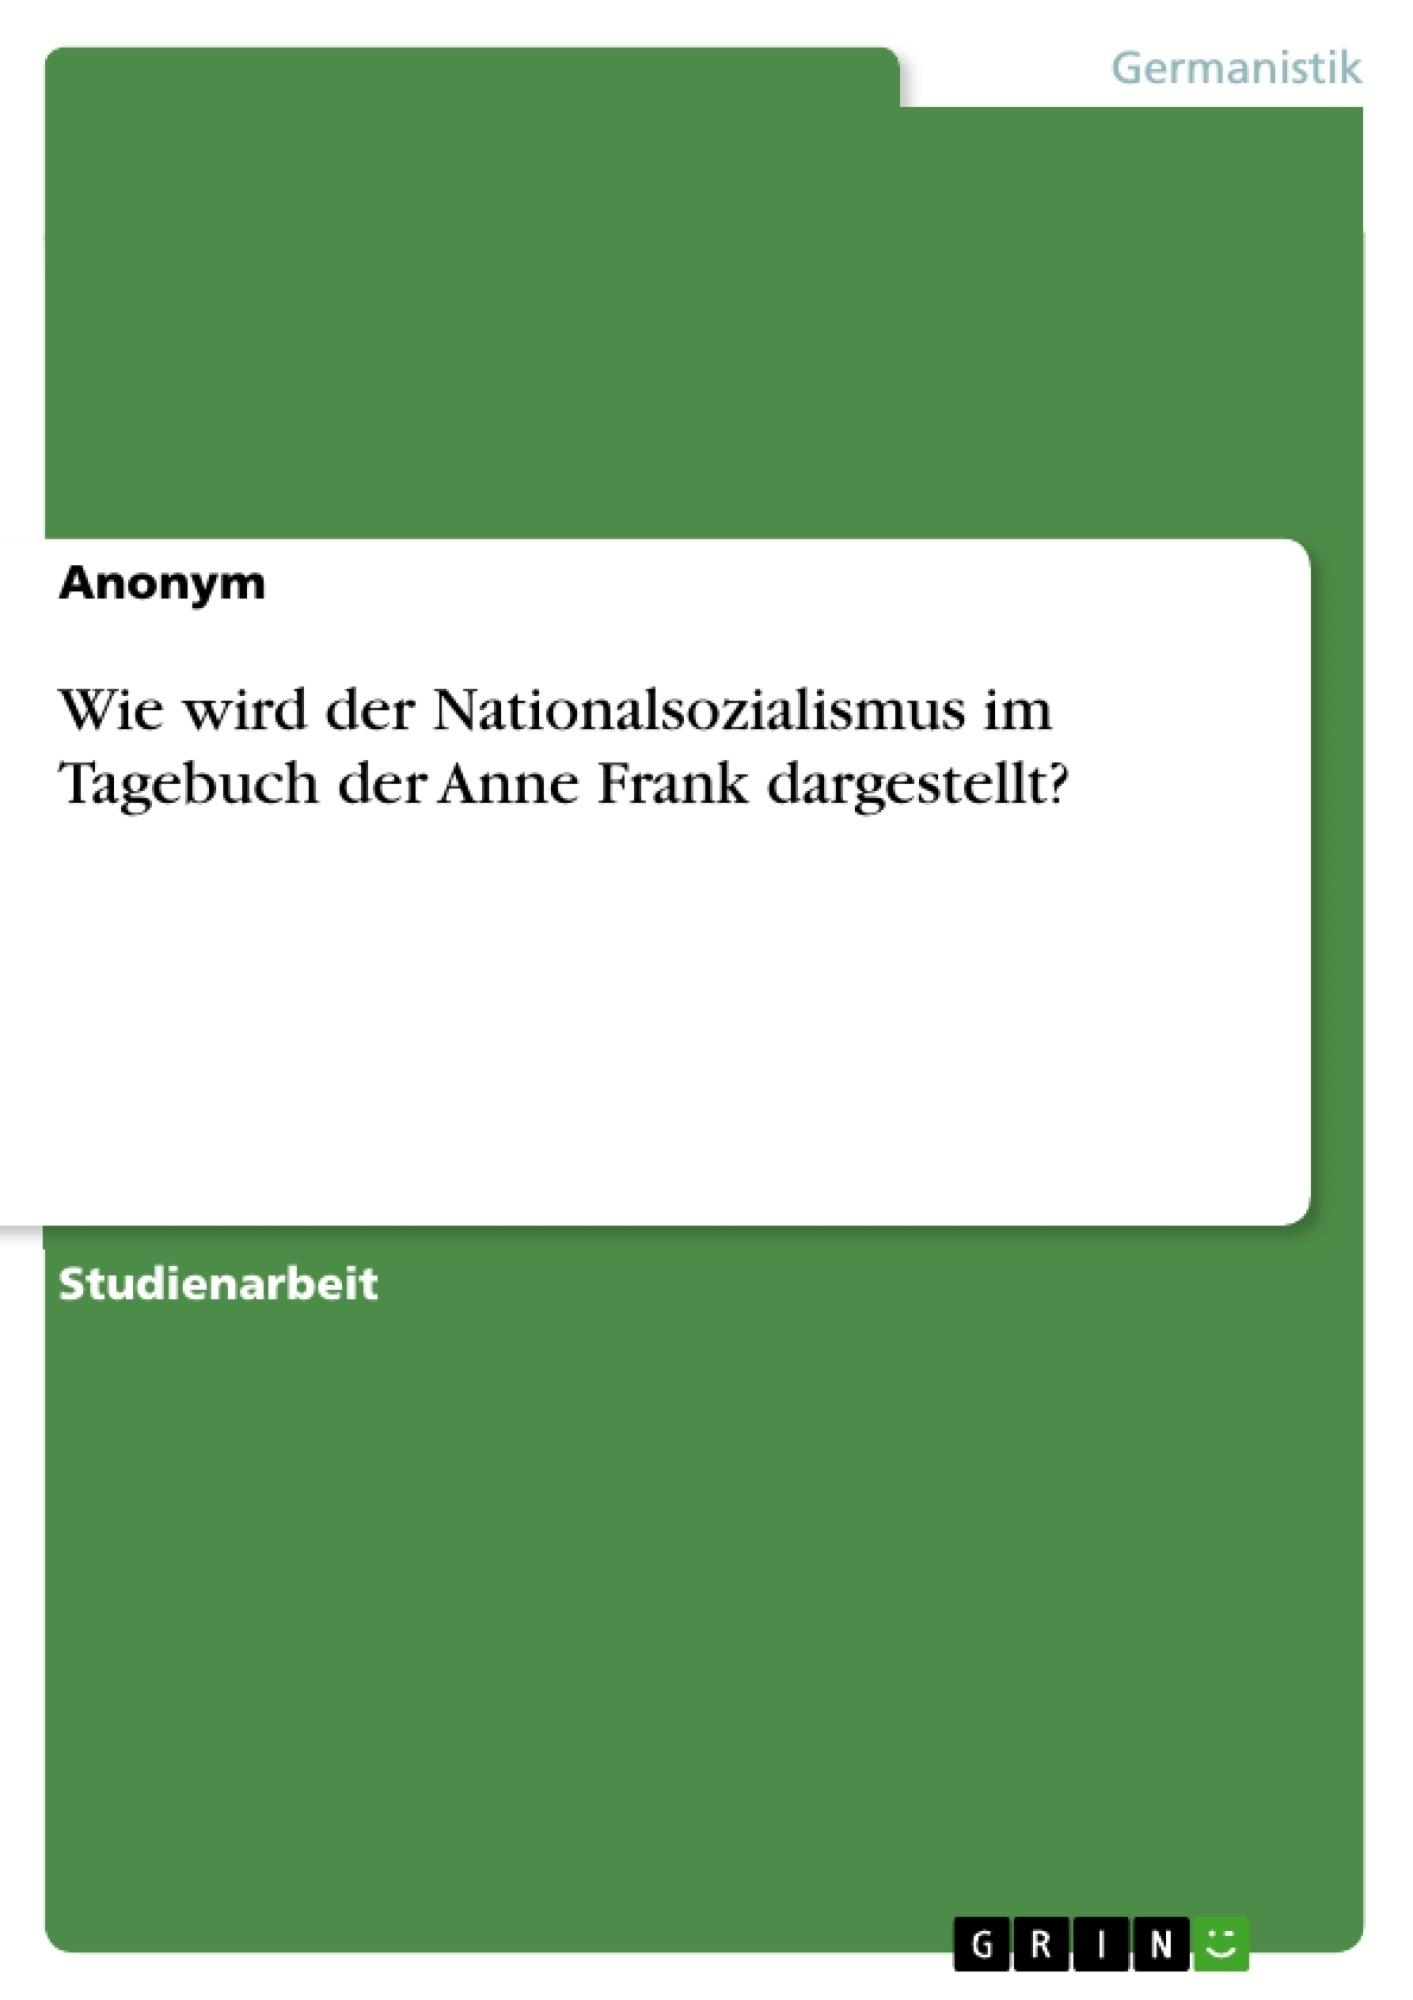 Titel: Wie wird der Nationalsozialismus im Tagebuch der Anne Frank dargestellt?